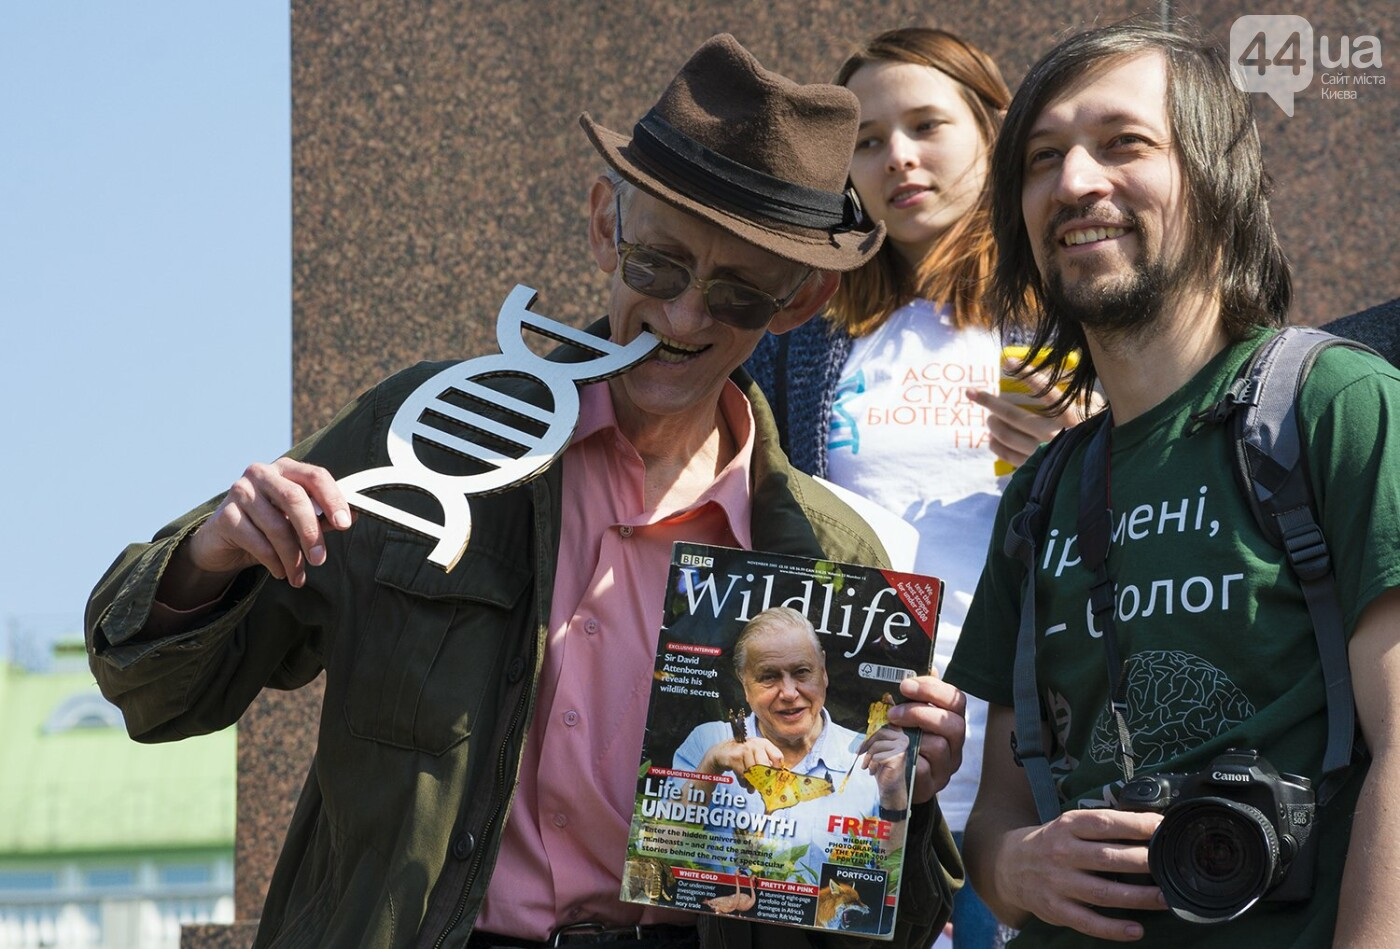 Ученые против мракобесия: в Киеве прошел марш за науку, фото-16